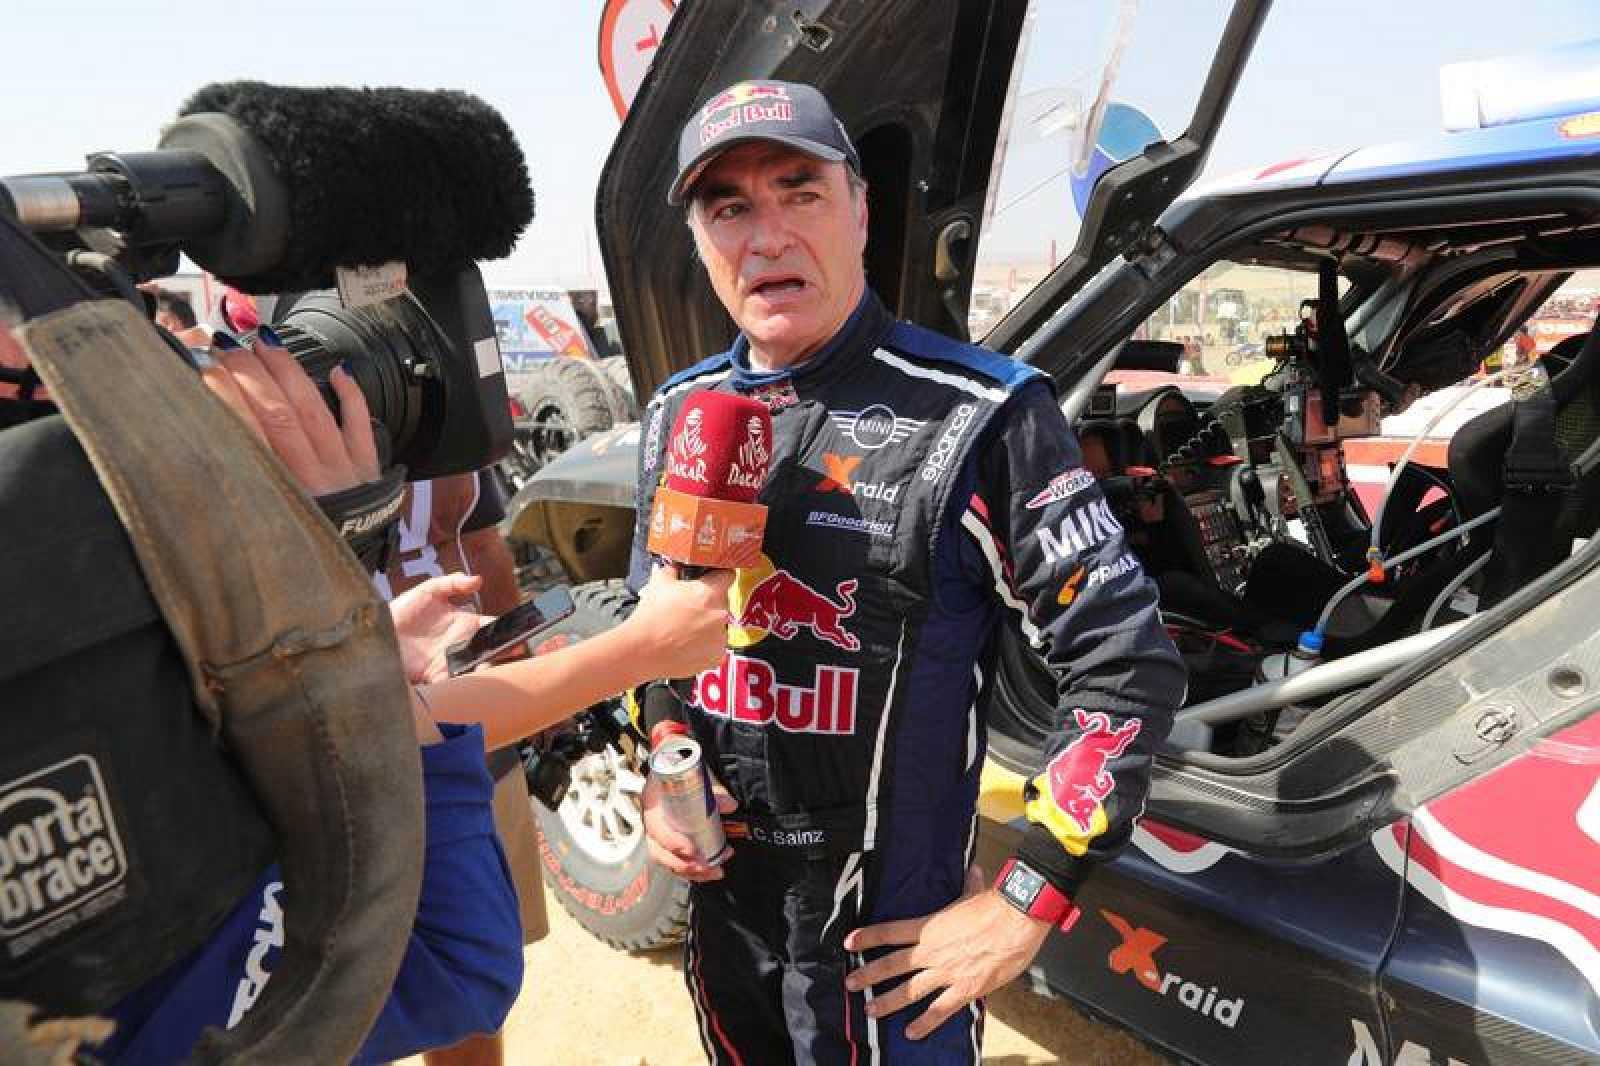 Imagen de archivo del piloto madrileño Carlos Sainz durante el Dakar 2019.